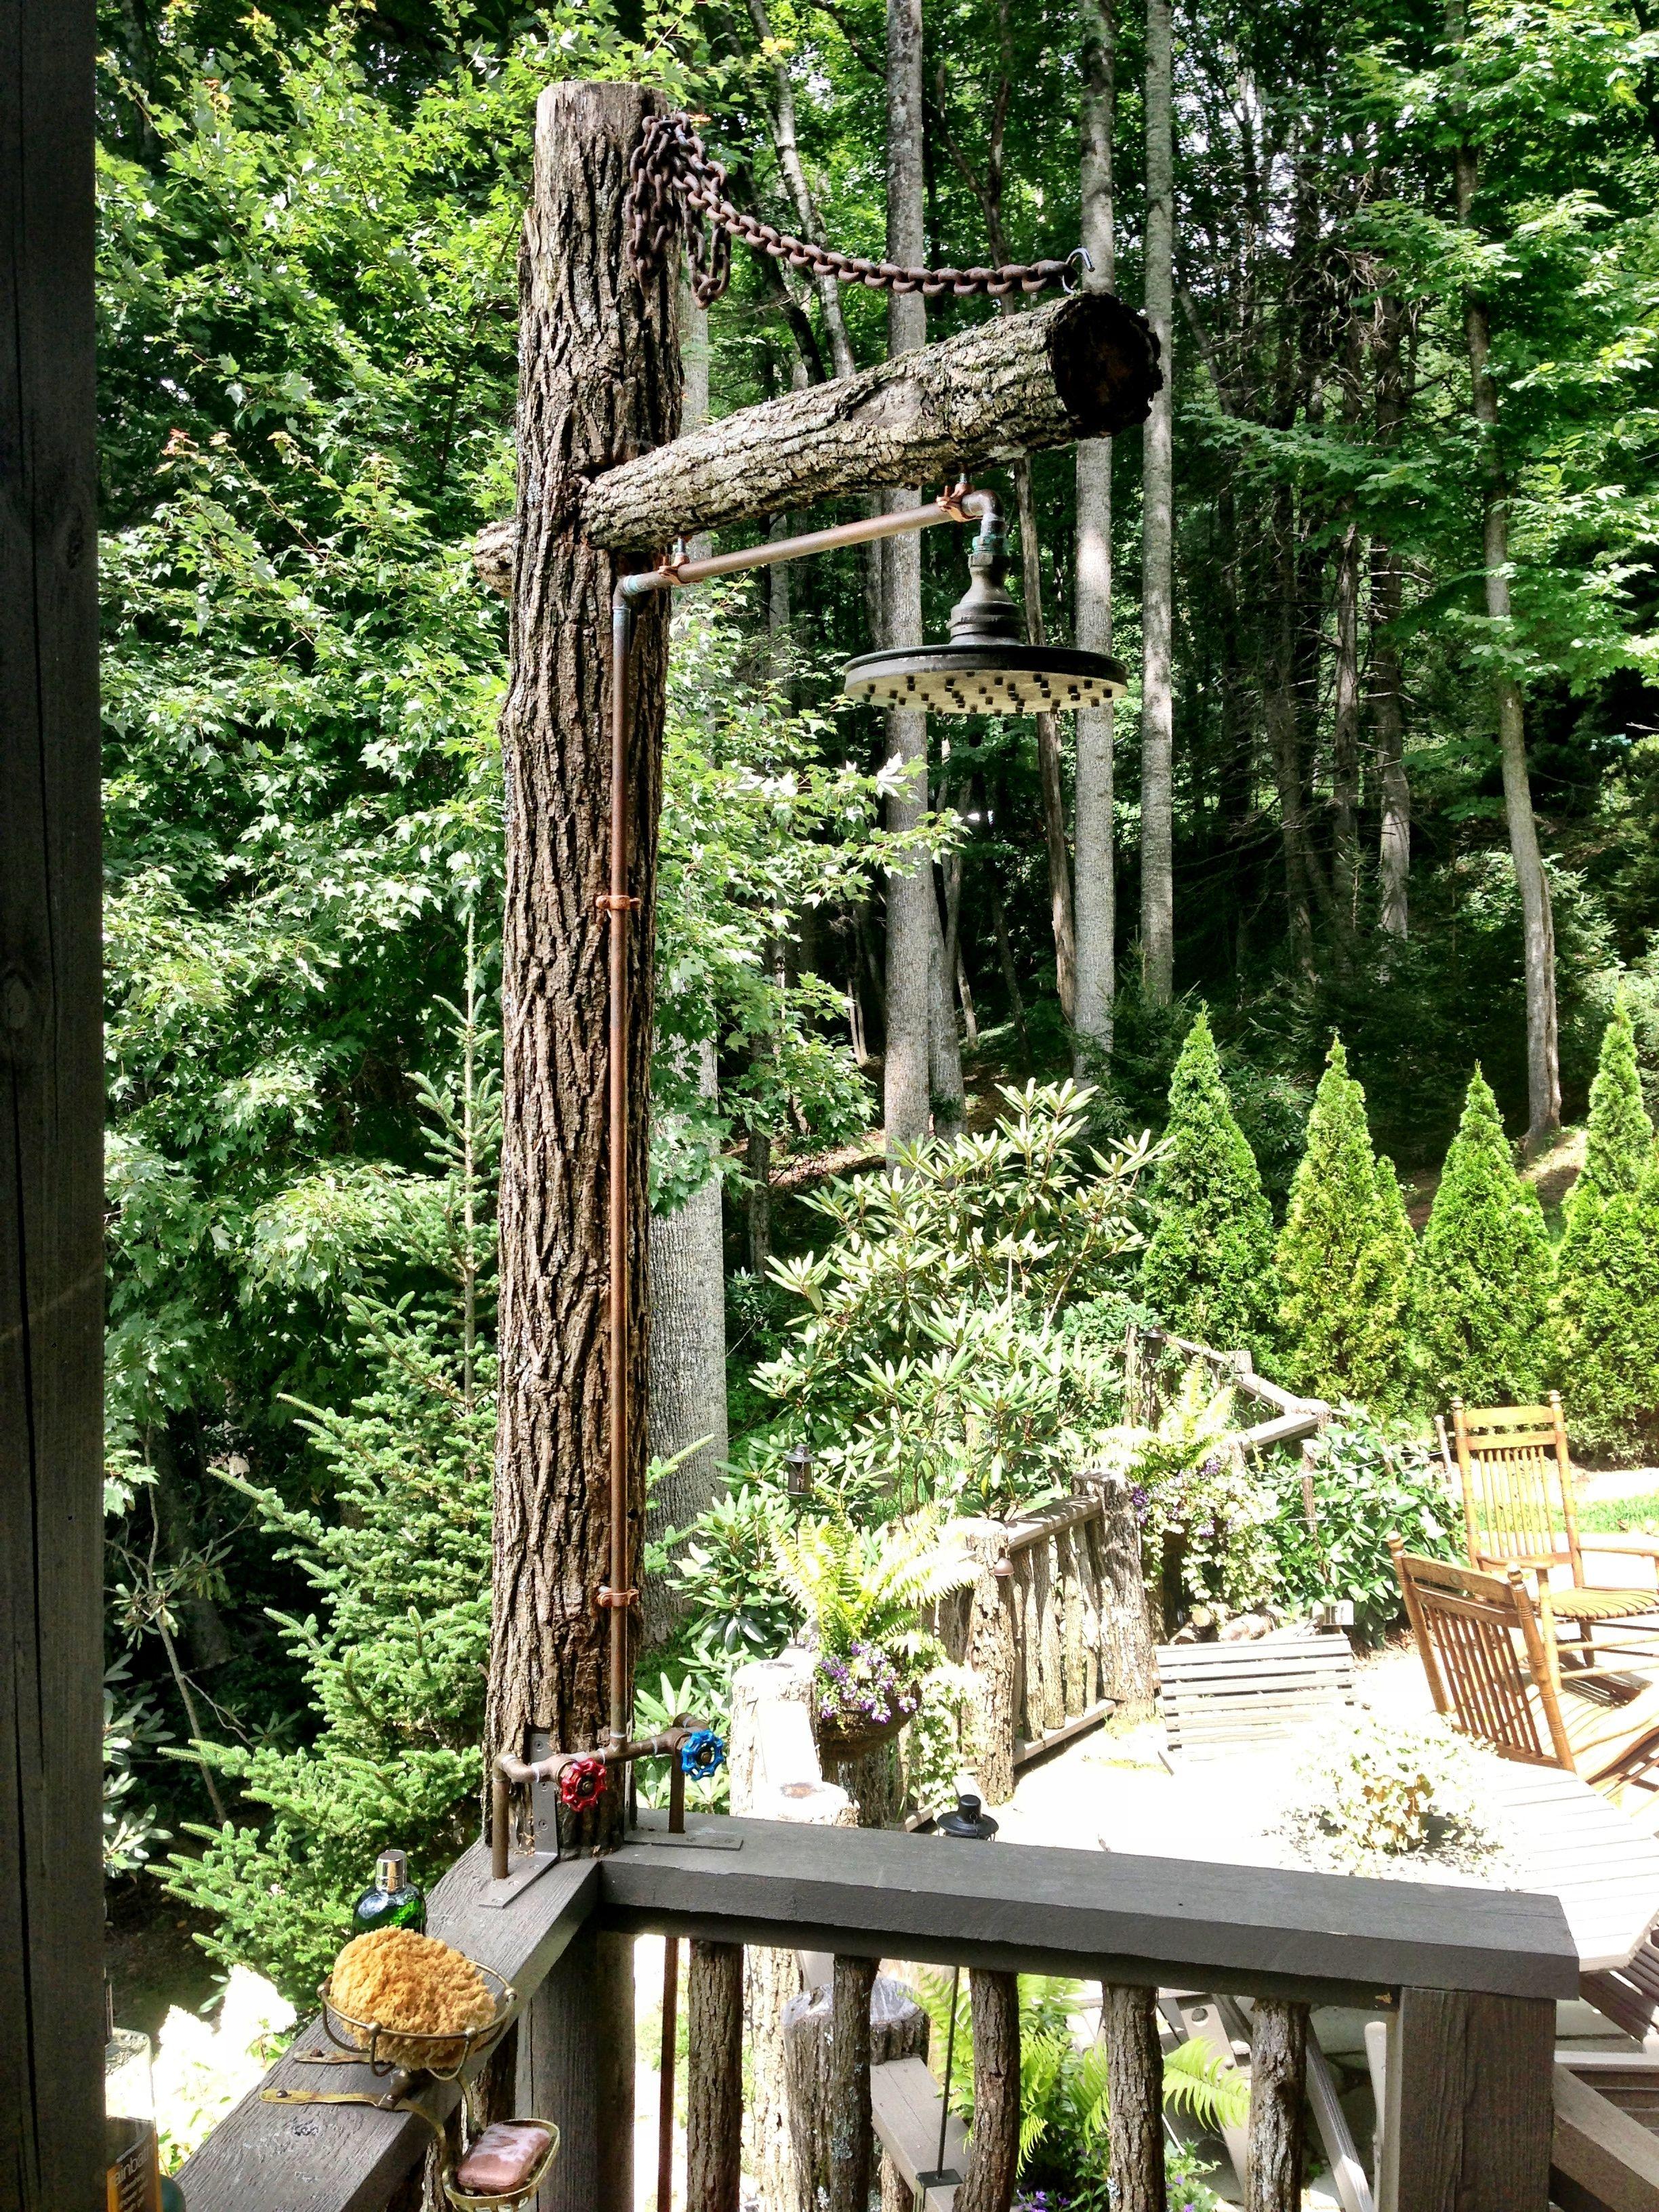 rustic outdoor garden shower diese rustikale idee kann super mit der edelstahldusche trombone. Black Bedroom Furniture Sets. Home Design Ideas